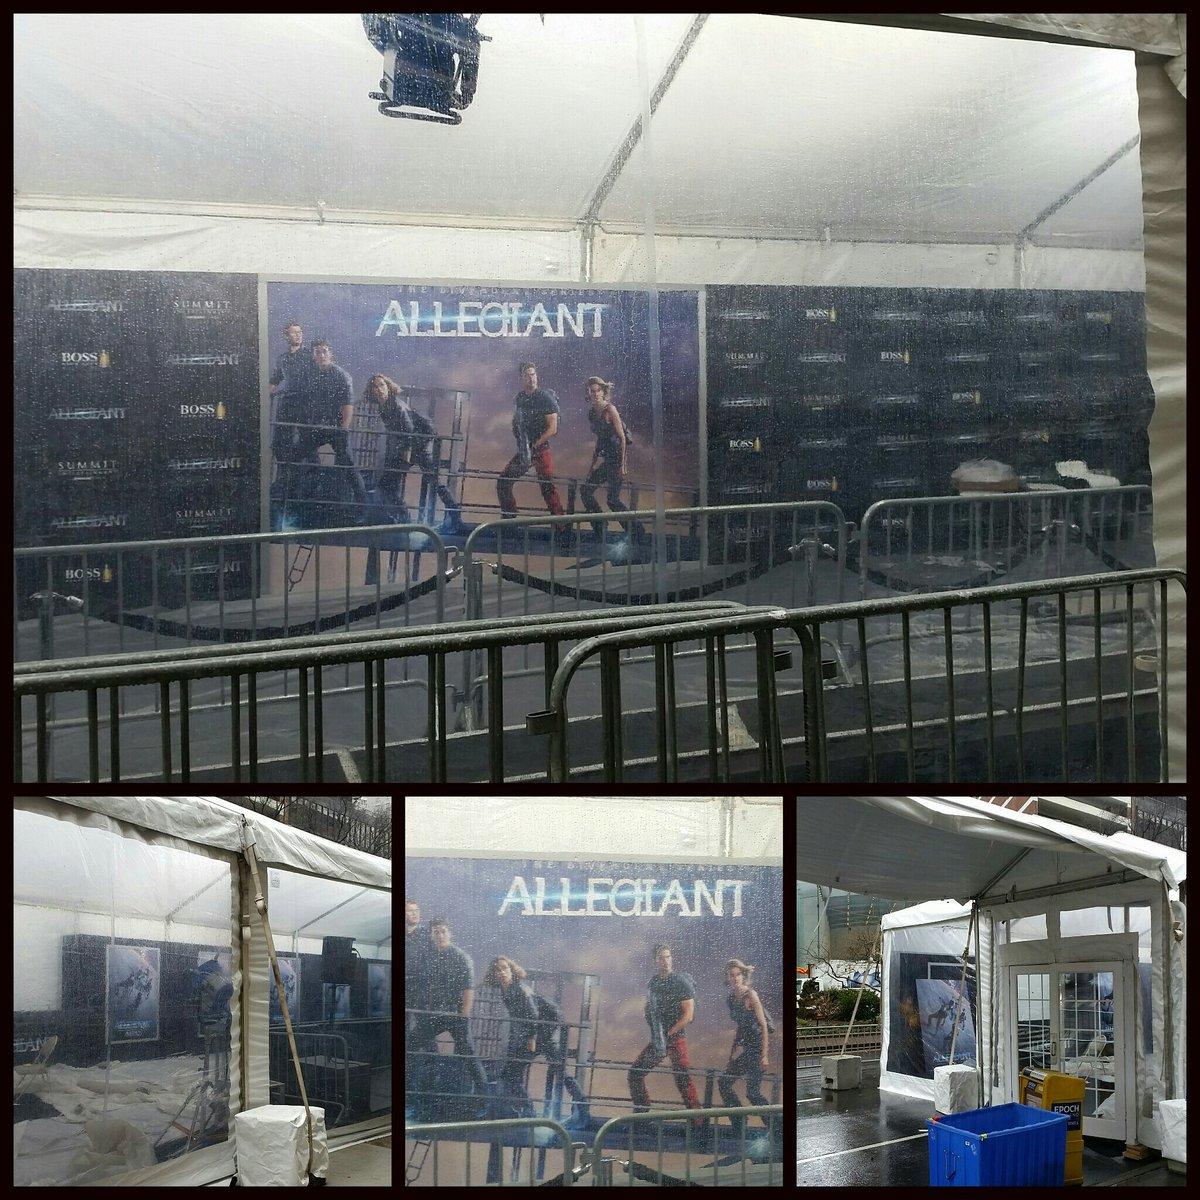 @Divergent Series #AllegiantPremiere Blavk Carpet is underway! https://t.co/tsAPGNnTM6